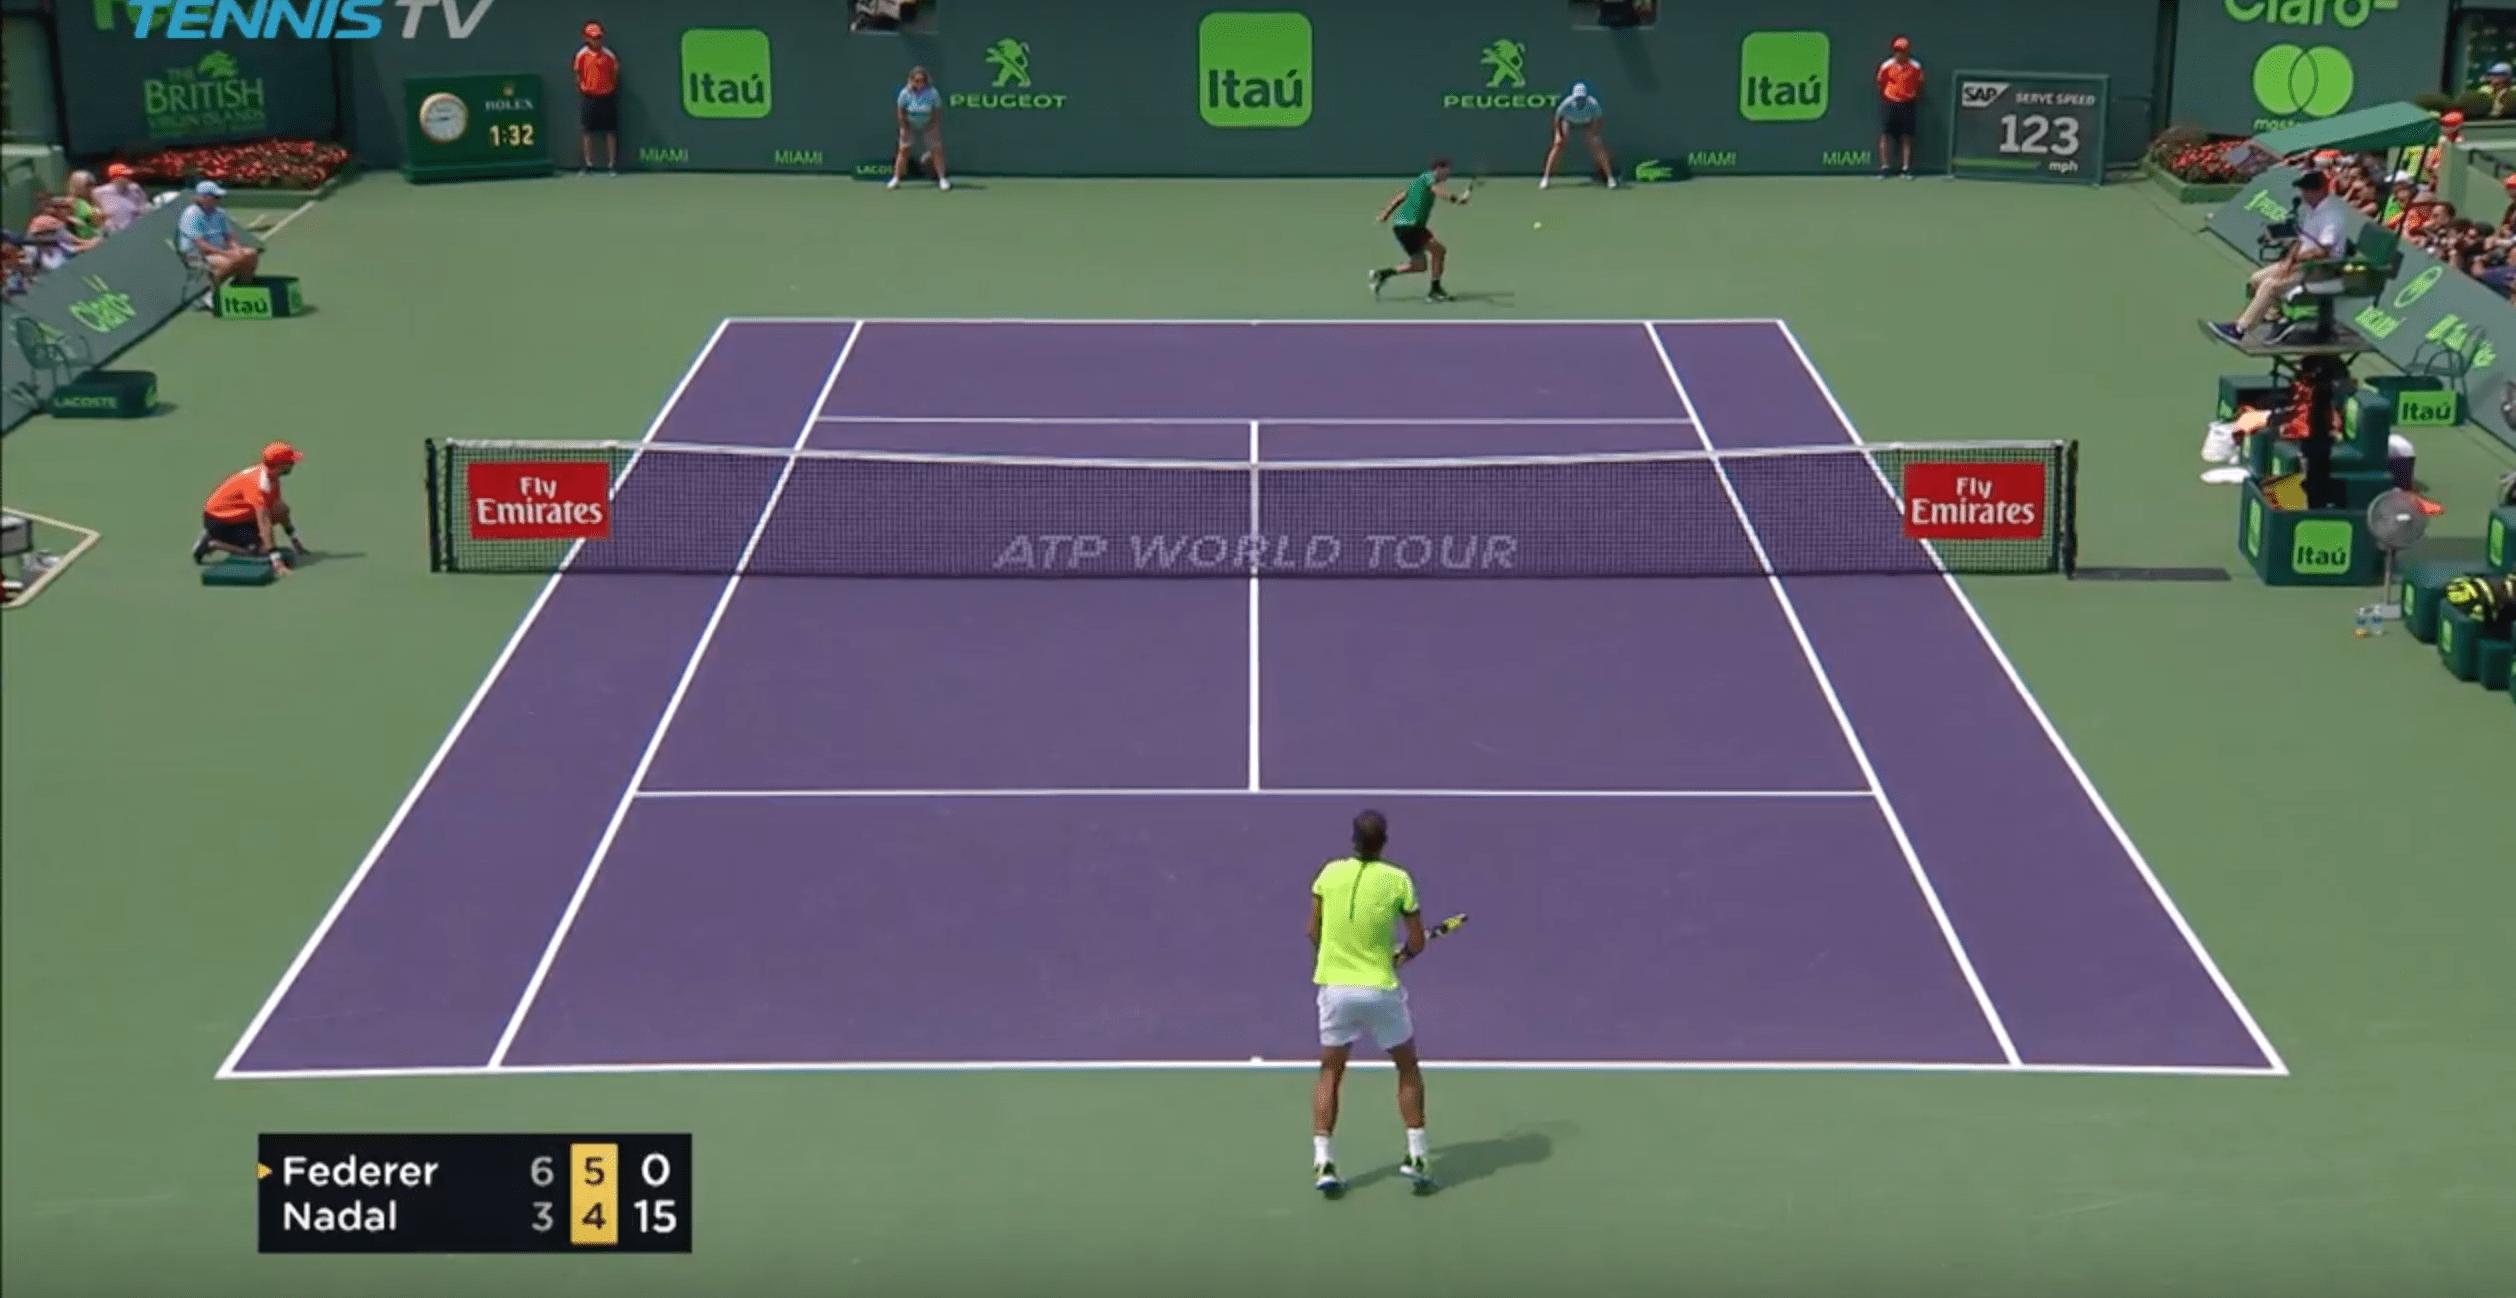 Le superbe revers de Federer qui a dégoûté Rafael Nadal